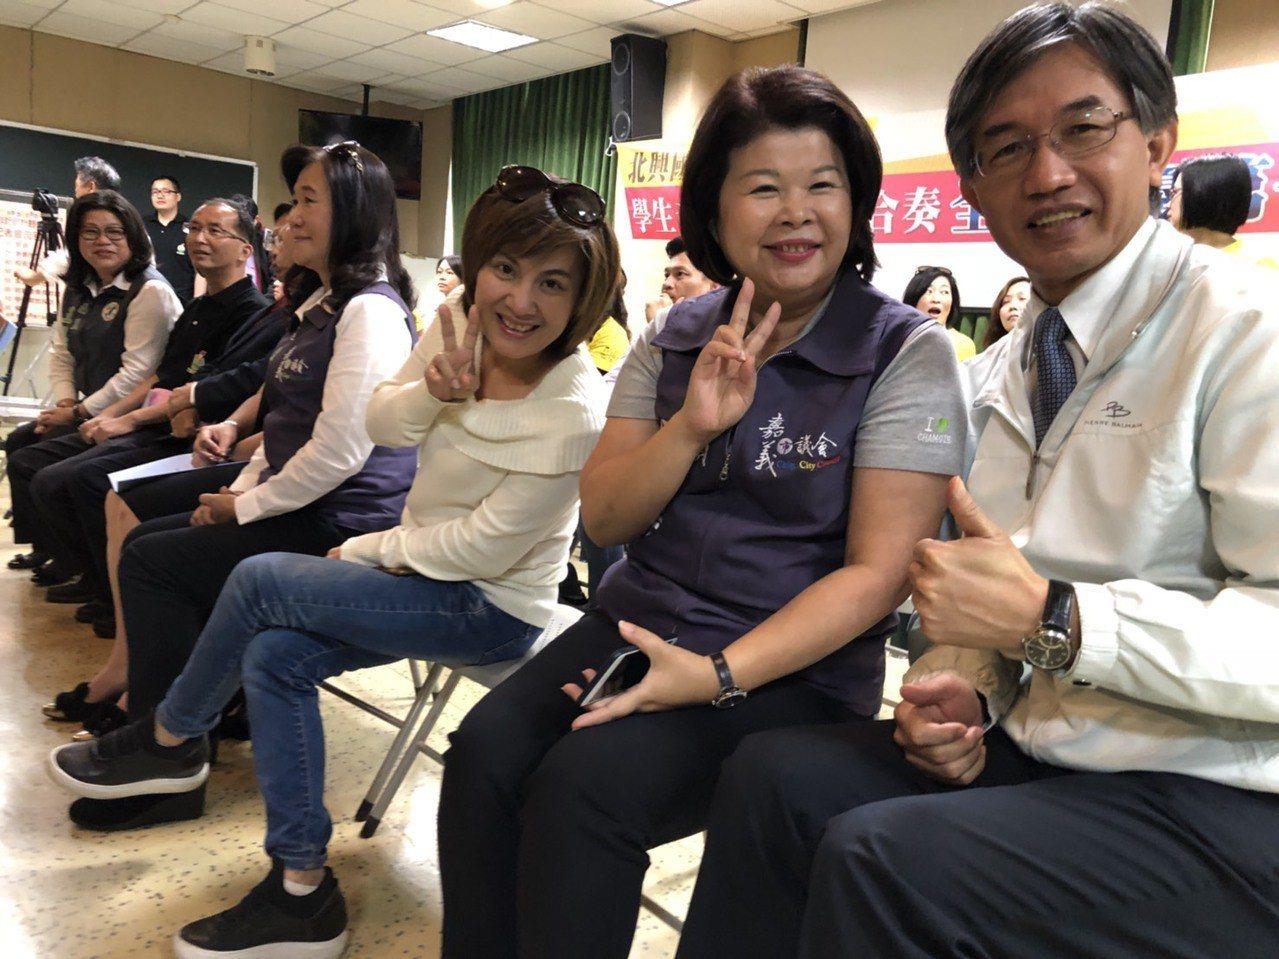 嘉義市議員有不少北興國中校友,包括張秀華、陳幸枝、黃露慧、王美惠等人,今天到場為...